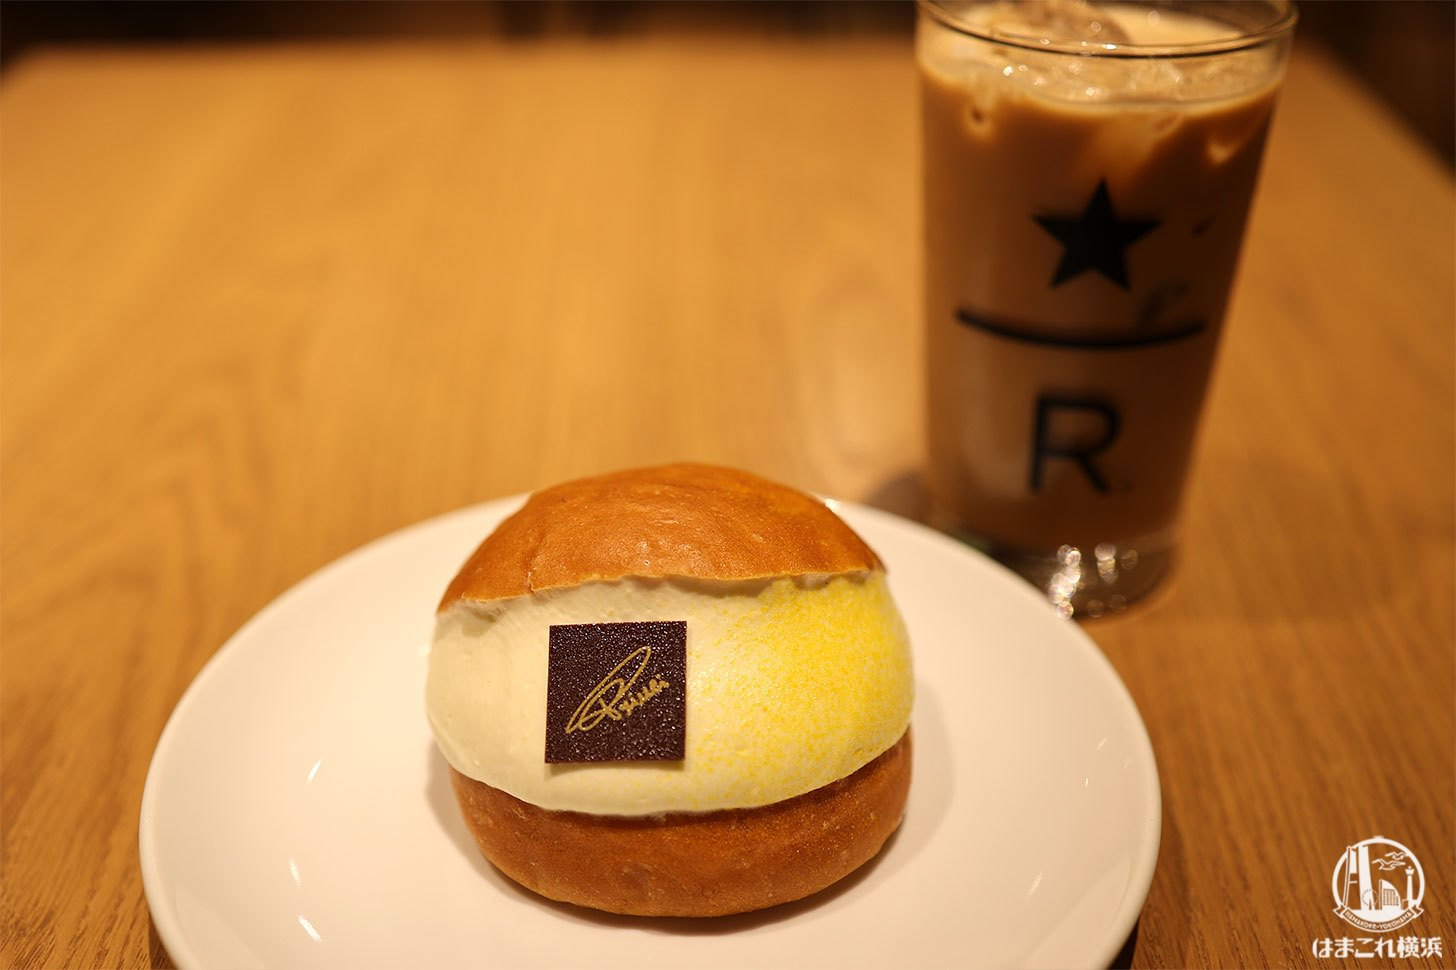 横浜駅のスタバで新作マリトッツォ!レモンとマンゴーの爽やかな美味しさは一食の価値あり